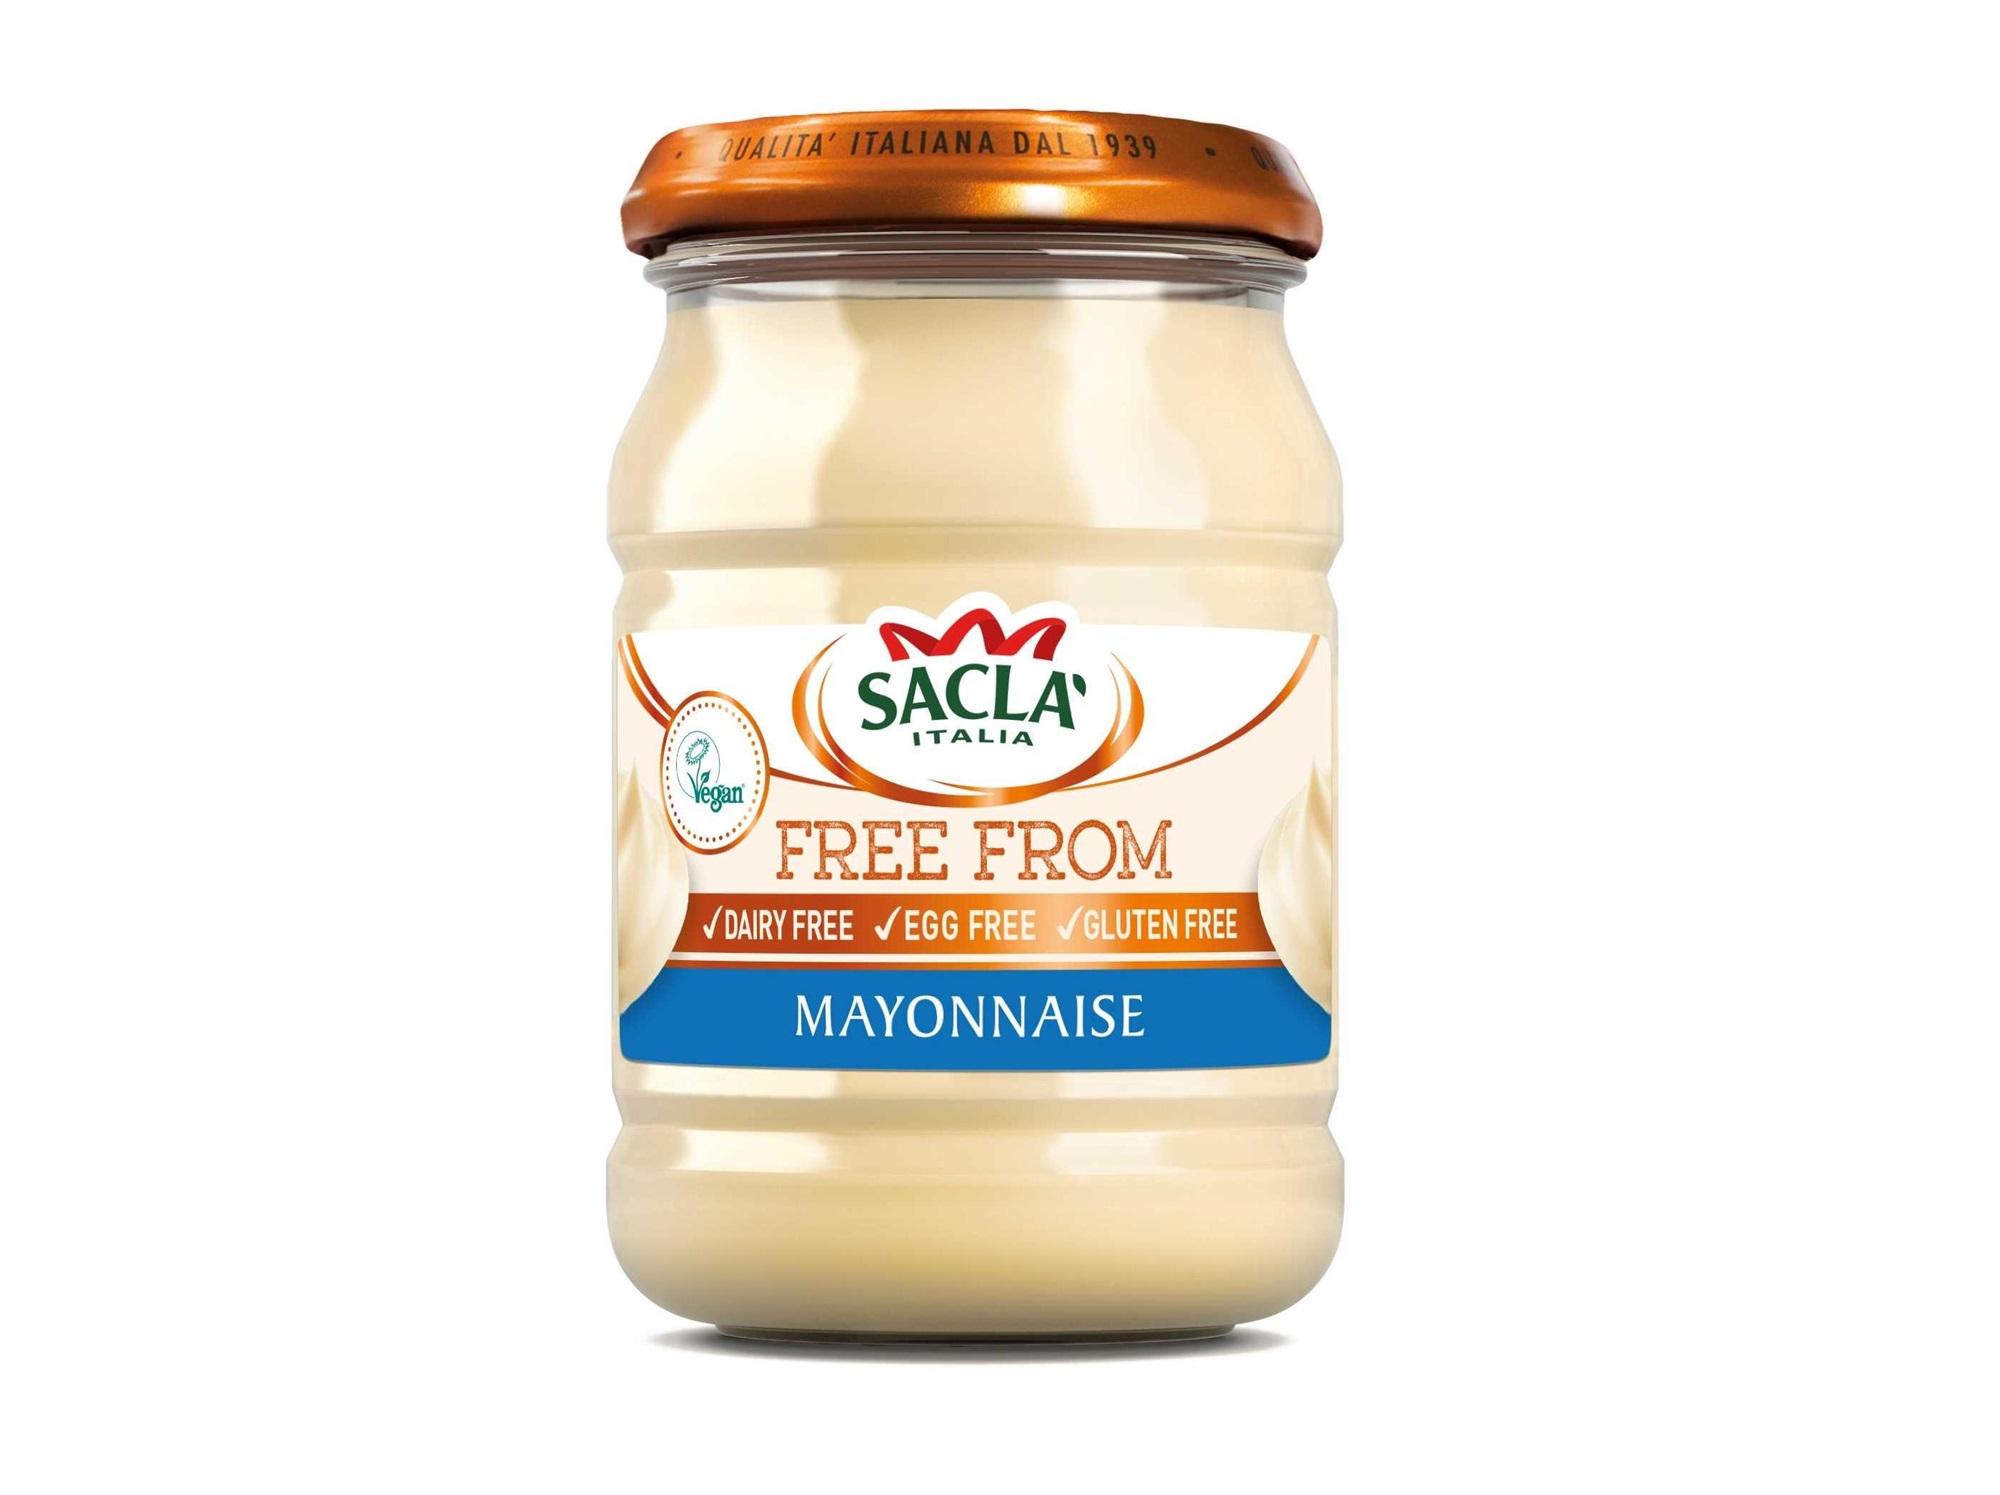 Sacla' Free From - Mayonnaise, Ocado